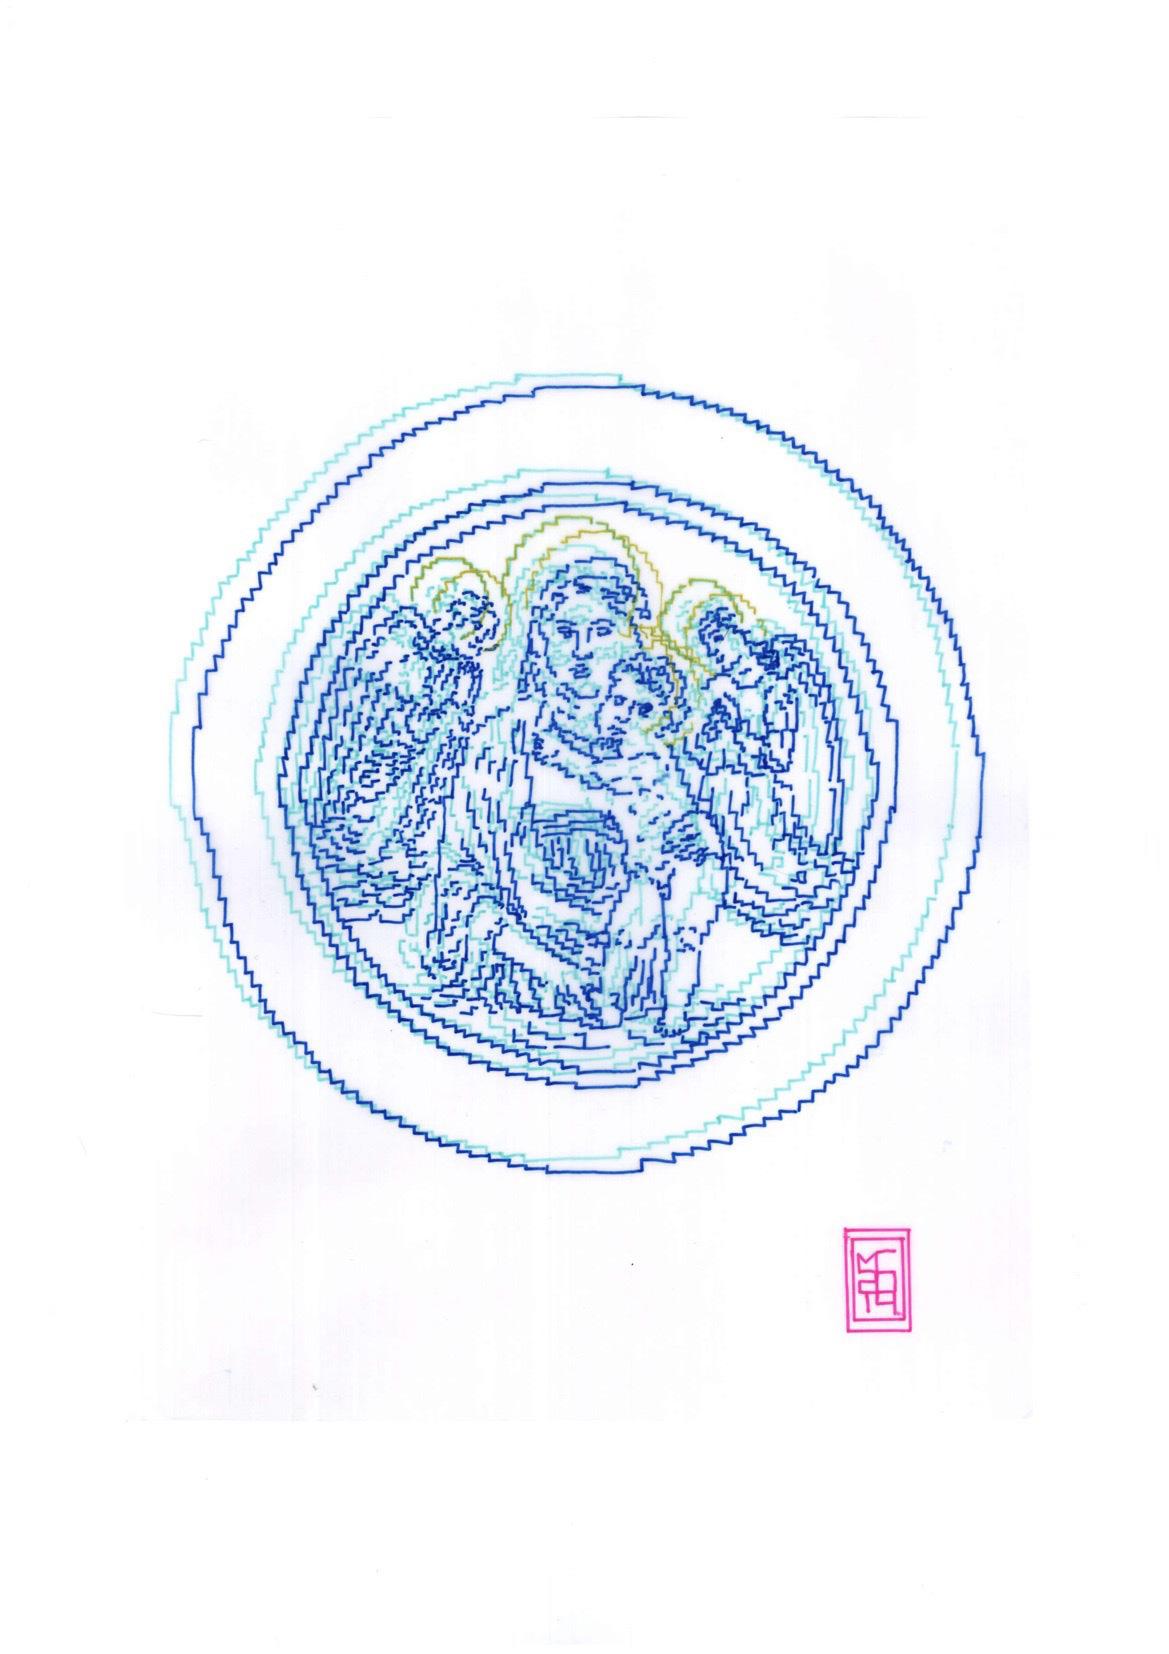 Michele Chiossi Della Robbia, 2014   pennarelli, carta da lucido,   A4 disegno zigzag Firenze